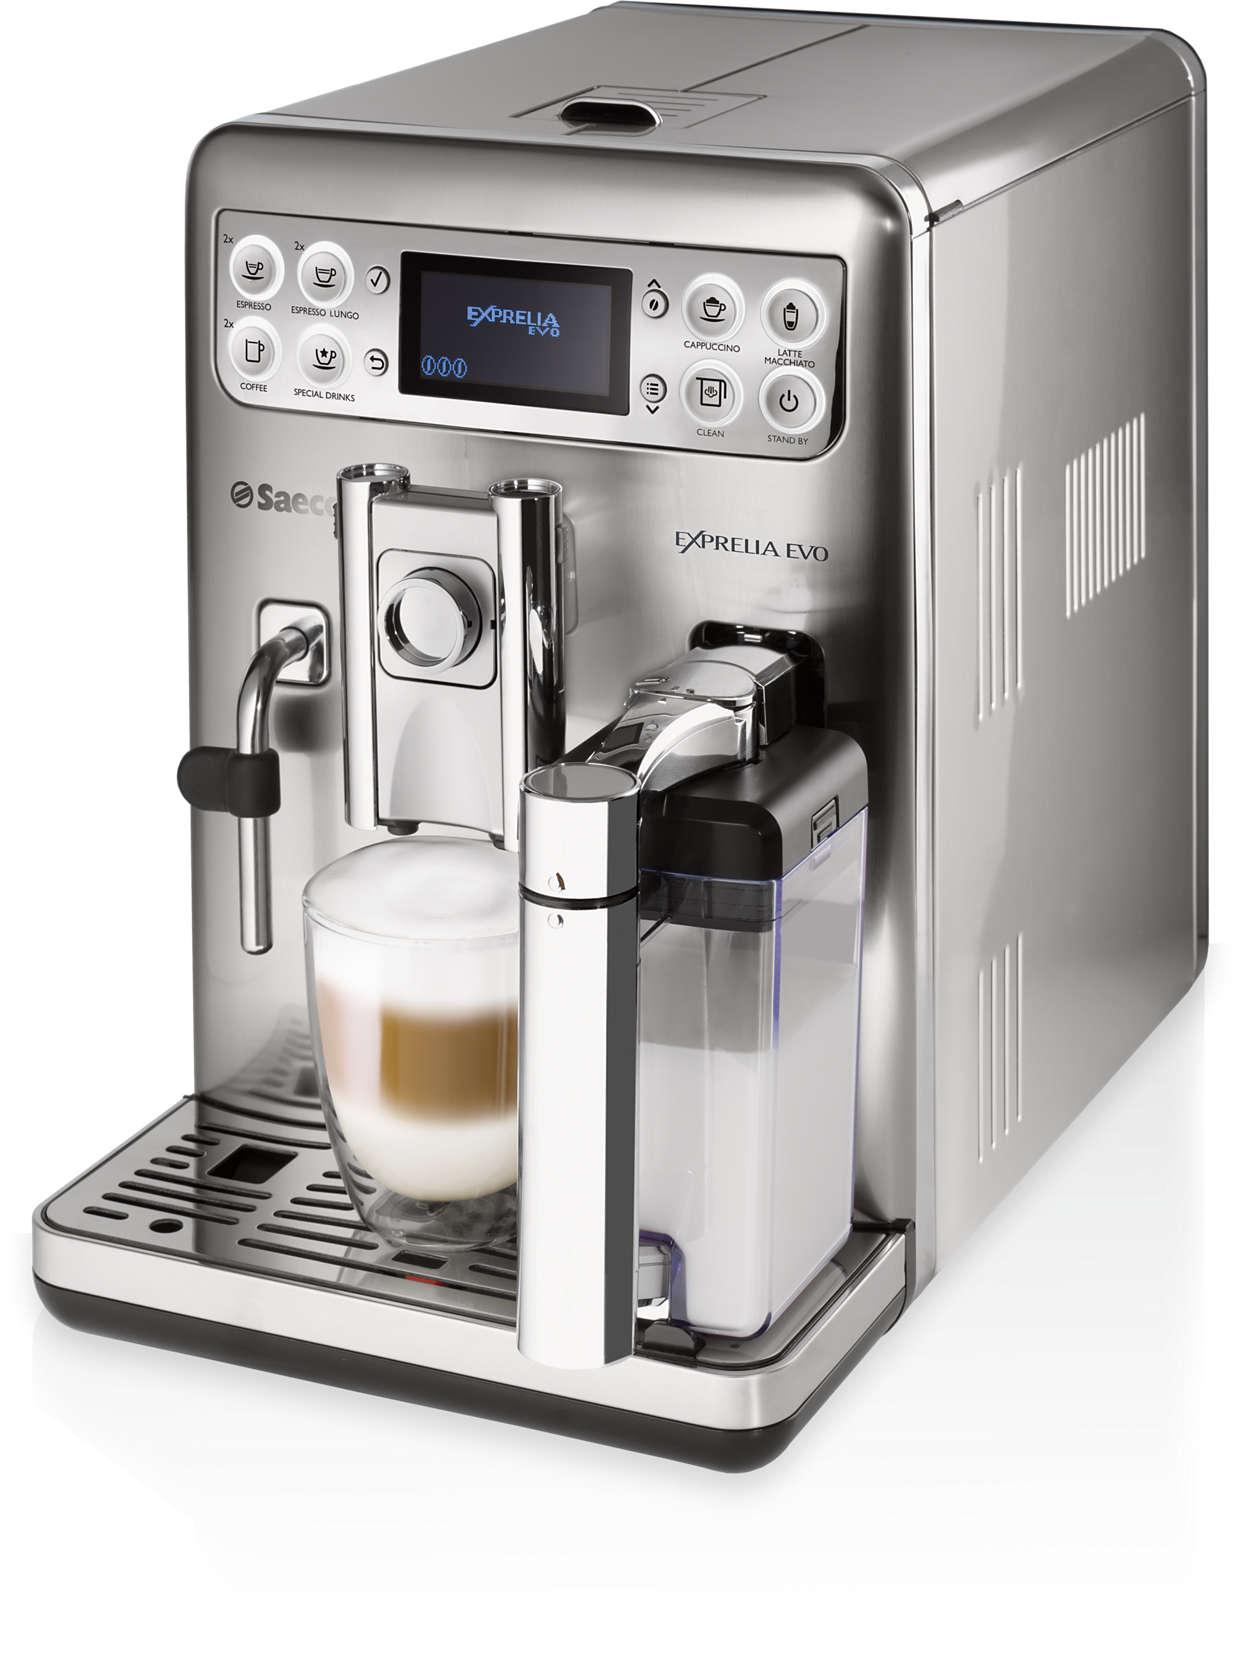 Kava izvrsnog okusa prilagođena vašem ukusu